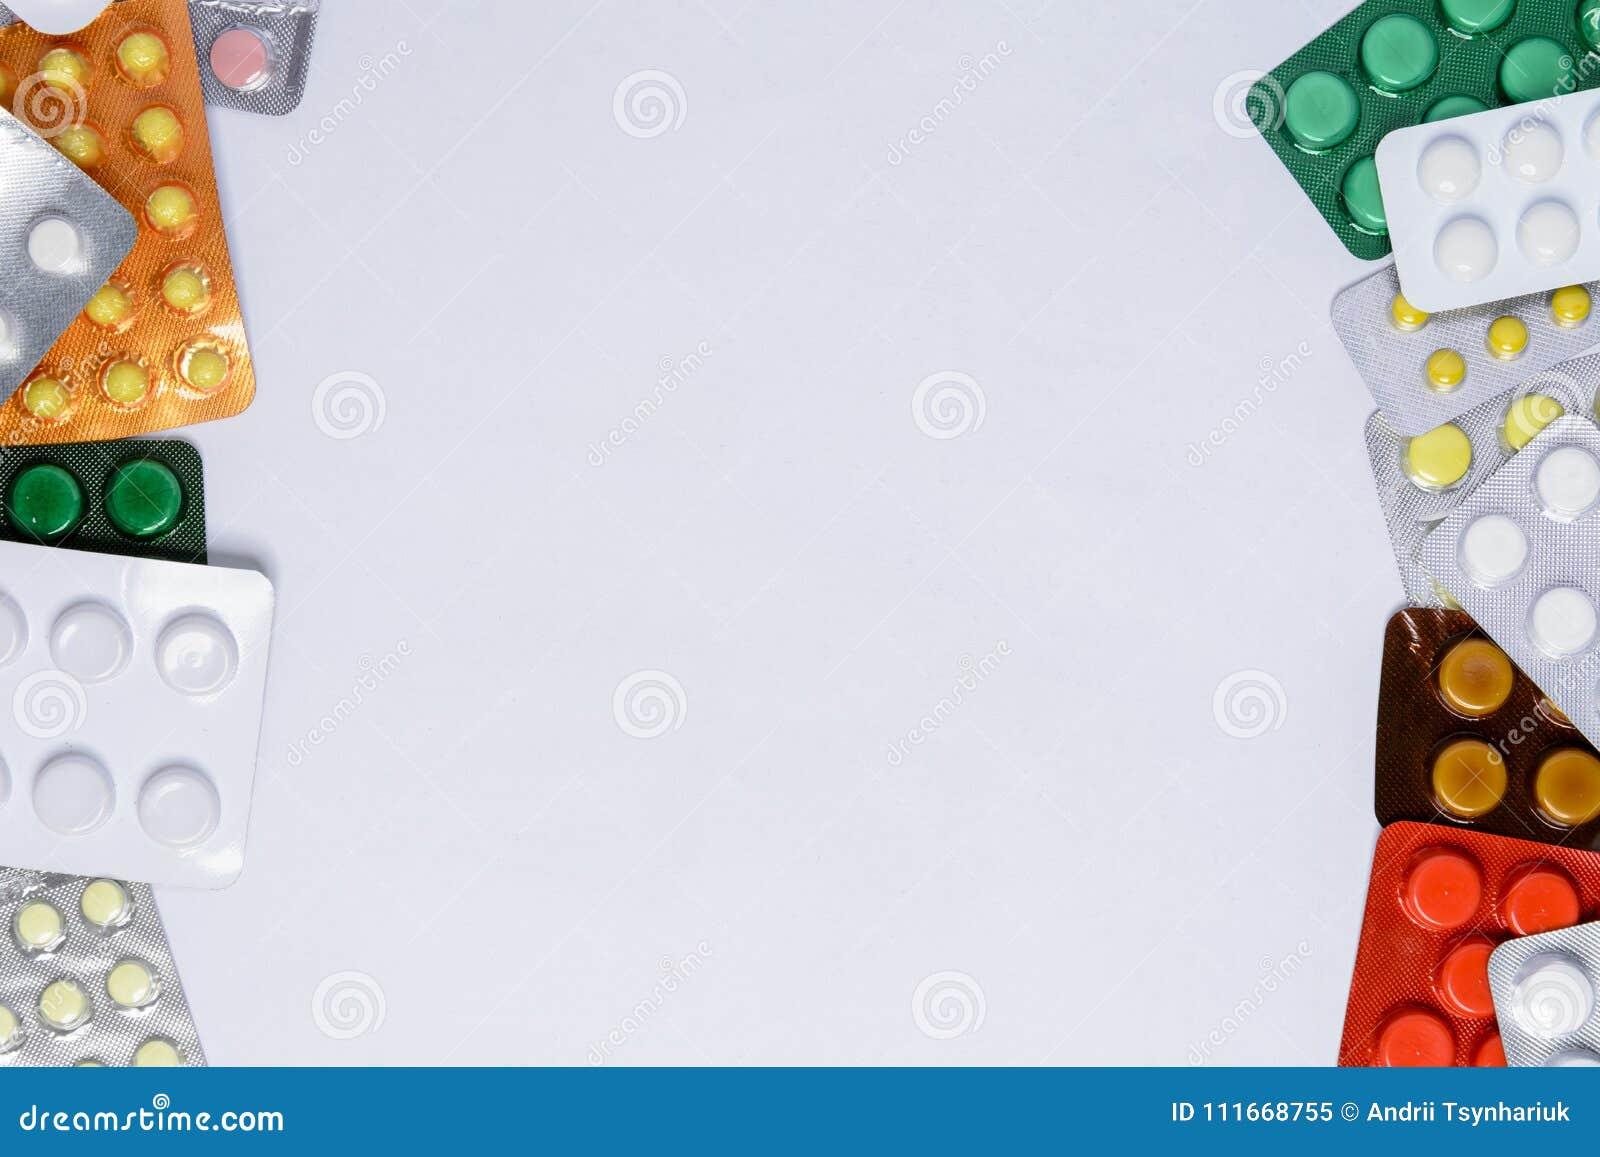 Pacotes dos comprimidos em um fundo branco com um lugar para a inscrição